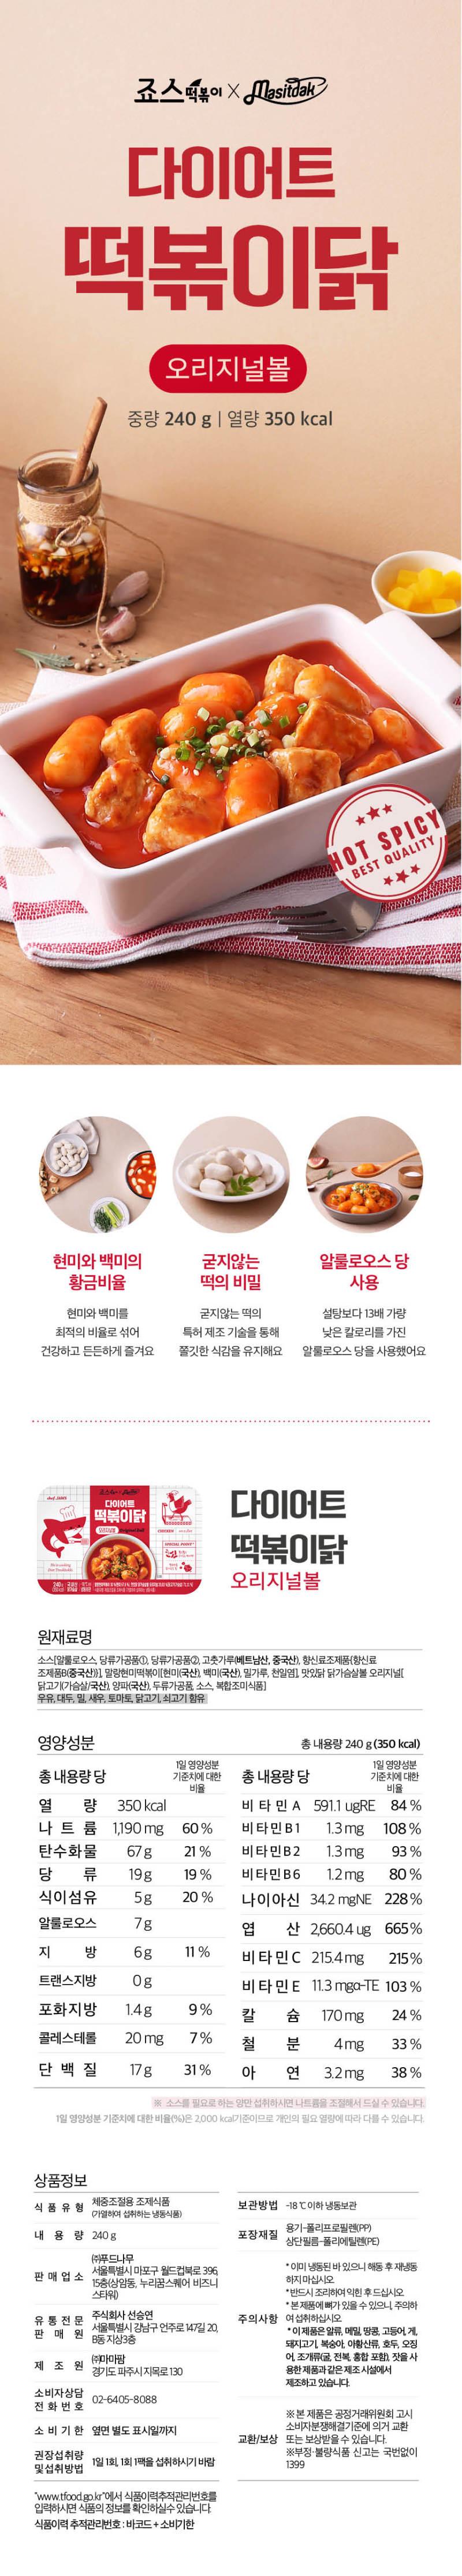 맛있닭_다이어트떡볶이_오리지널